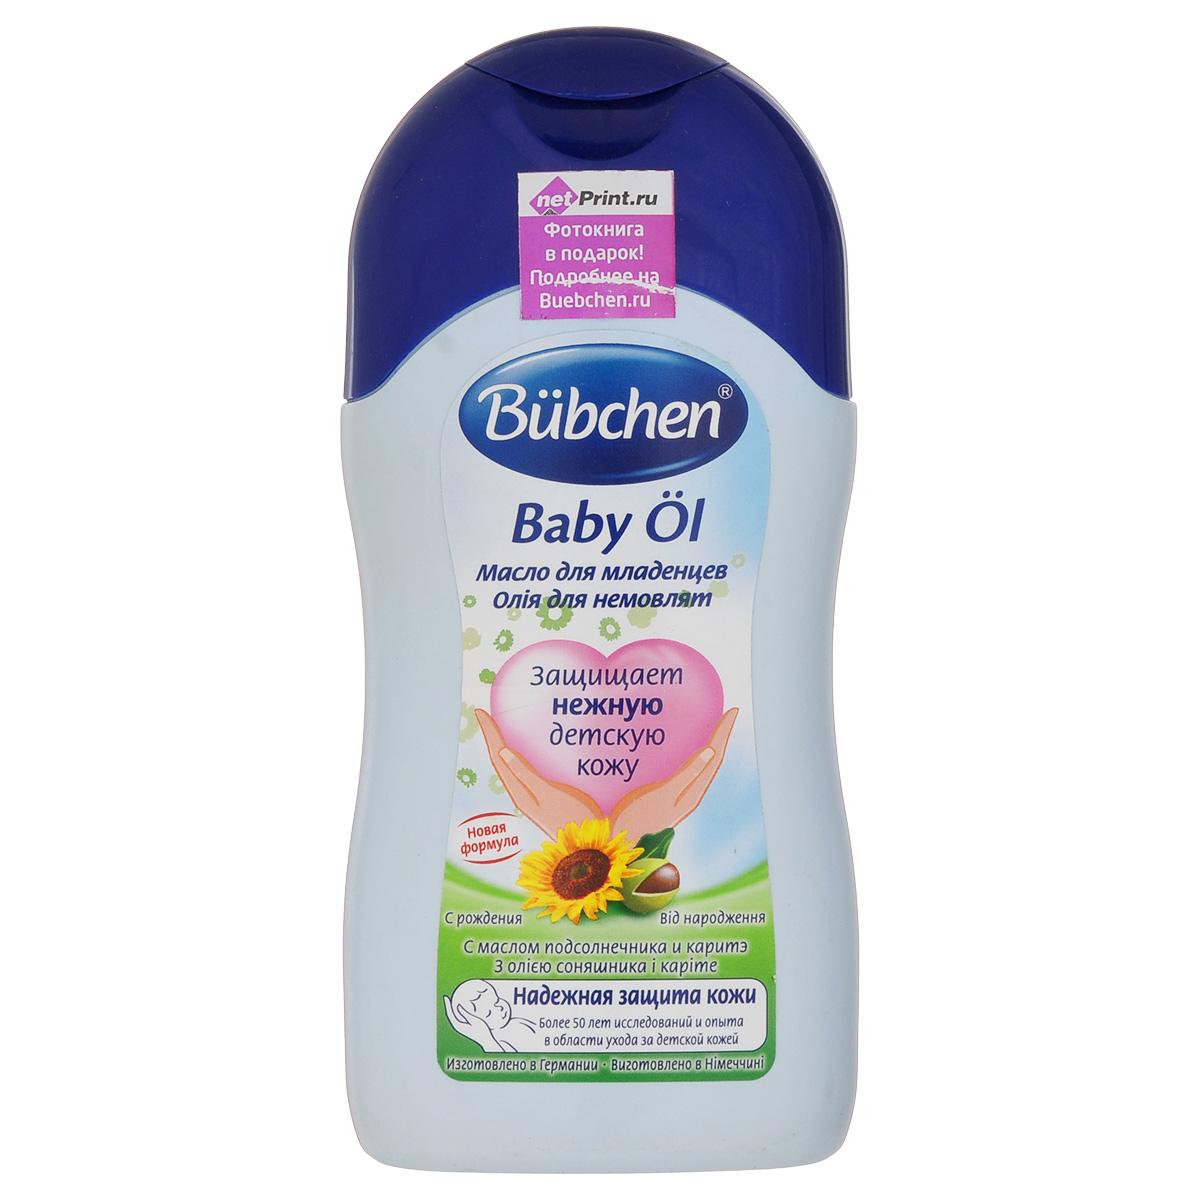 Bubchen Масло для телаBaby Ol, с маслом карите и подсолнечника, 400 мл03.01.01.11349Масло Bubchen Baby Ol предназначено для мягкого очищения кожи в области подгузника, нежного ухода за кожей младенца после купания, а также для расслабляющего массажа. Масло подсолнечника поддерживает естественный защитный барьер кожи, а масло карите обогащает ее витаминами. Продукт разработан с целью минимизировать риск возникновения аллергии. Не содержит минерального масла, красителей и консервантов. Подходит также для ухода за кожей взрослых. Переносимость кожей подтверждена дерматологами.Отличительная особенность производства Bubchen - его специализация только на детской косметике. Совместная научная деятельность с педиатрическими центрами Европы позволяет тщательно изучать потребности детского организма и разрабатывать современные высокоэффективные средства, так необходимые малышам. Продукция изготавливается на единственном экологически чистом производстве, расположенном в Германии и не имеющем филиалов в других странах.Товар сертифицирован.